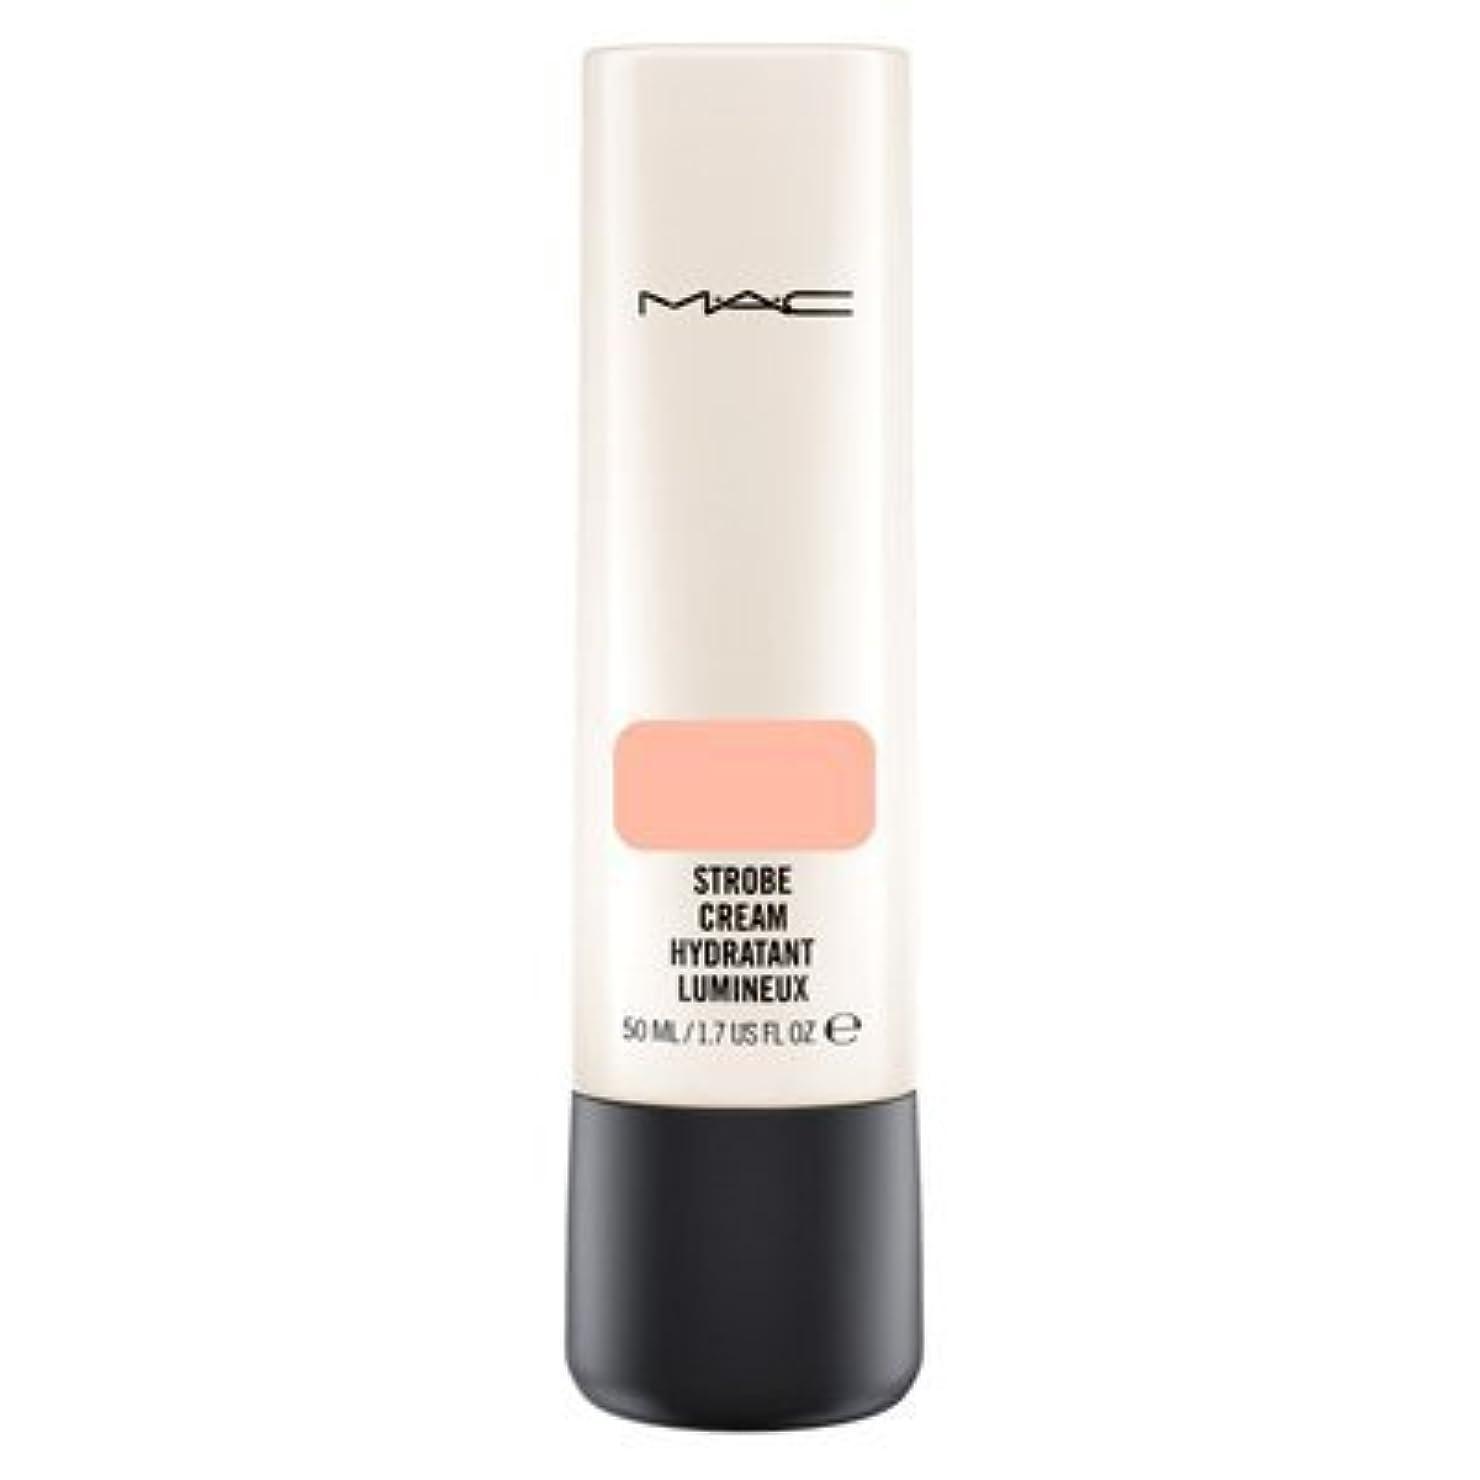 転送ブレス魔法MAC (マック) ストロボ クリーム ピーチ ライト/Peach Light 50ml [並行輸入品]